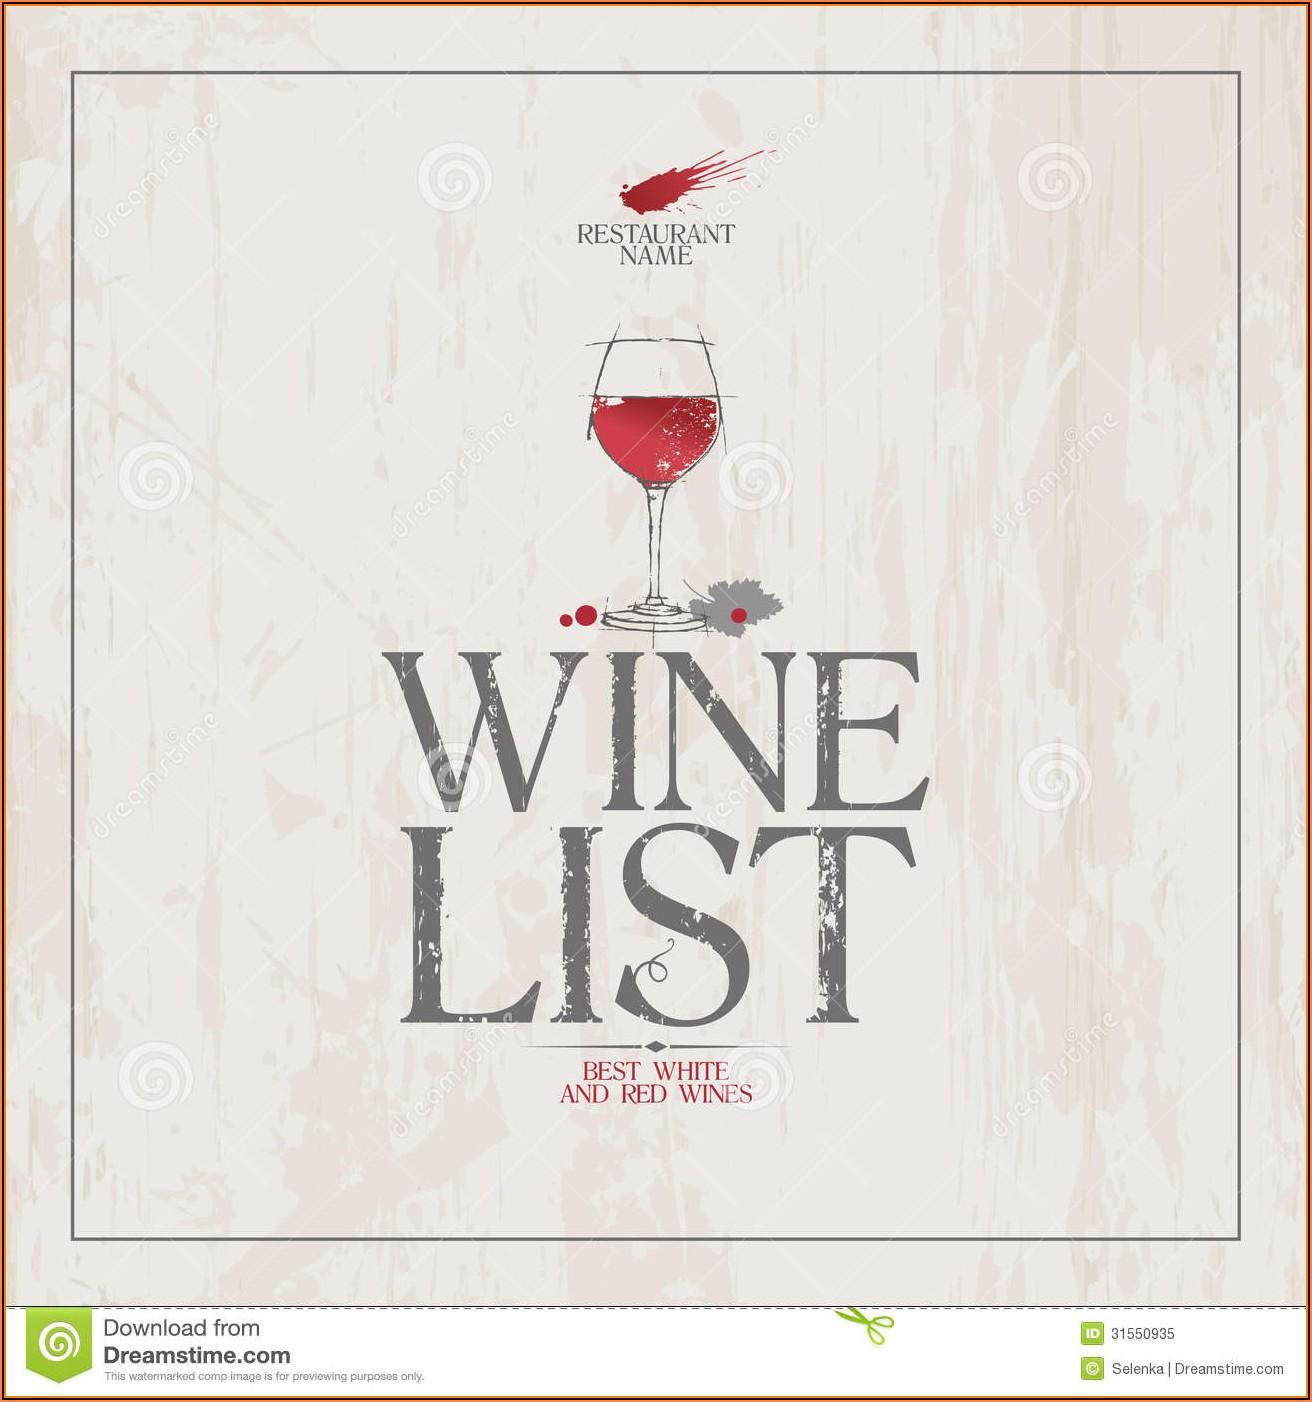 Free Wine Menu Template Downloads